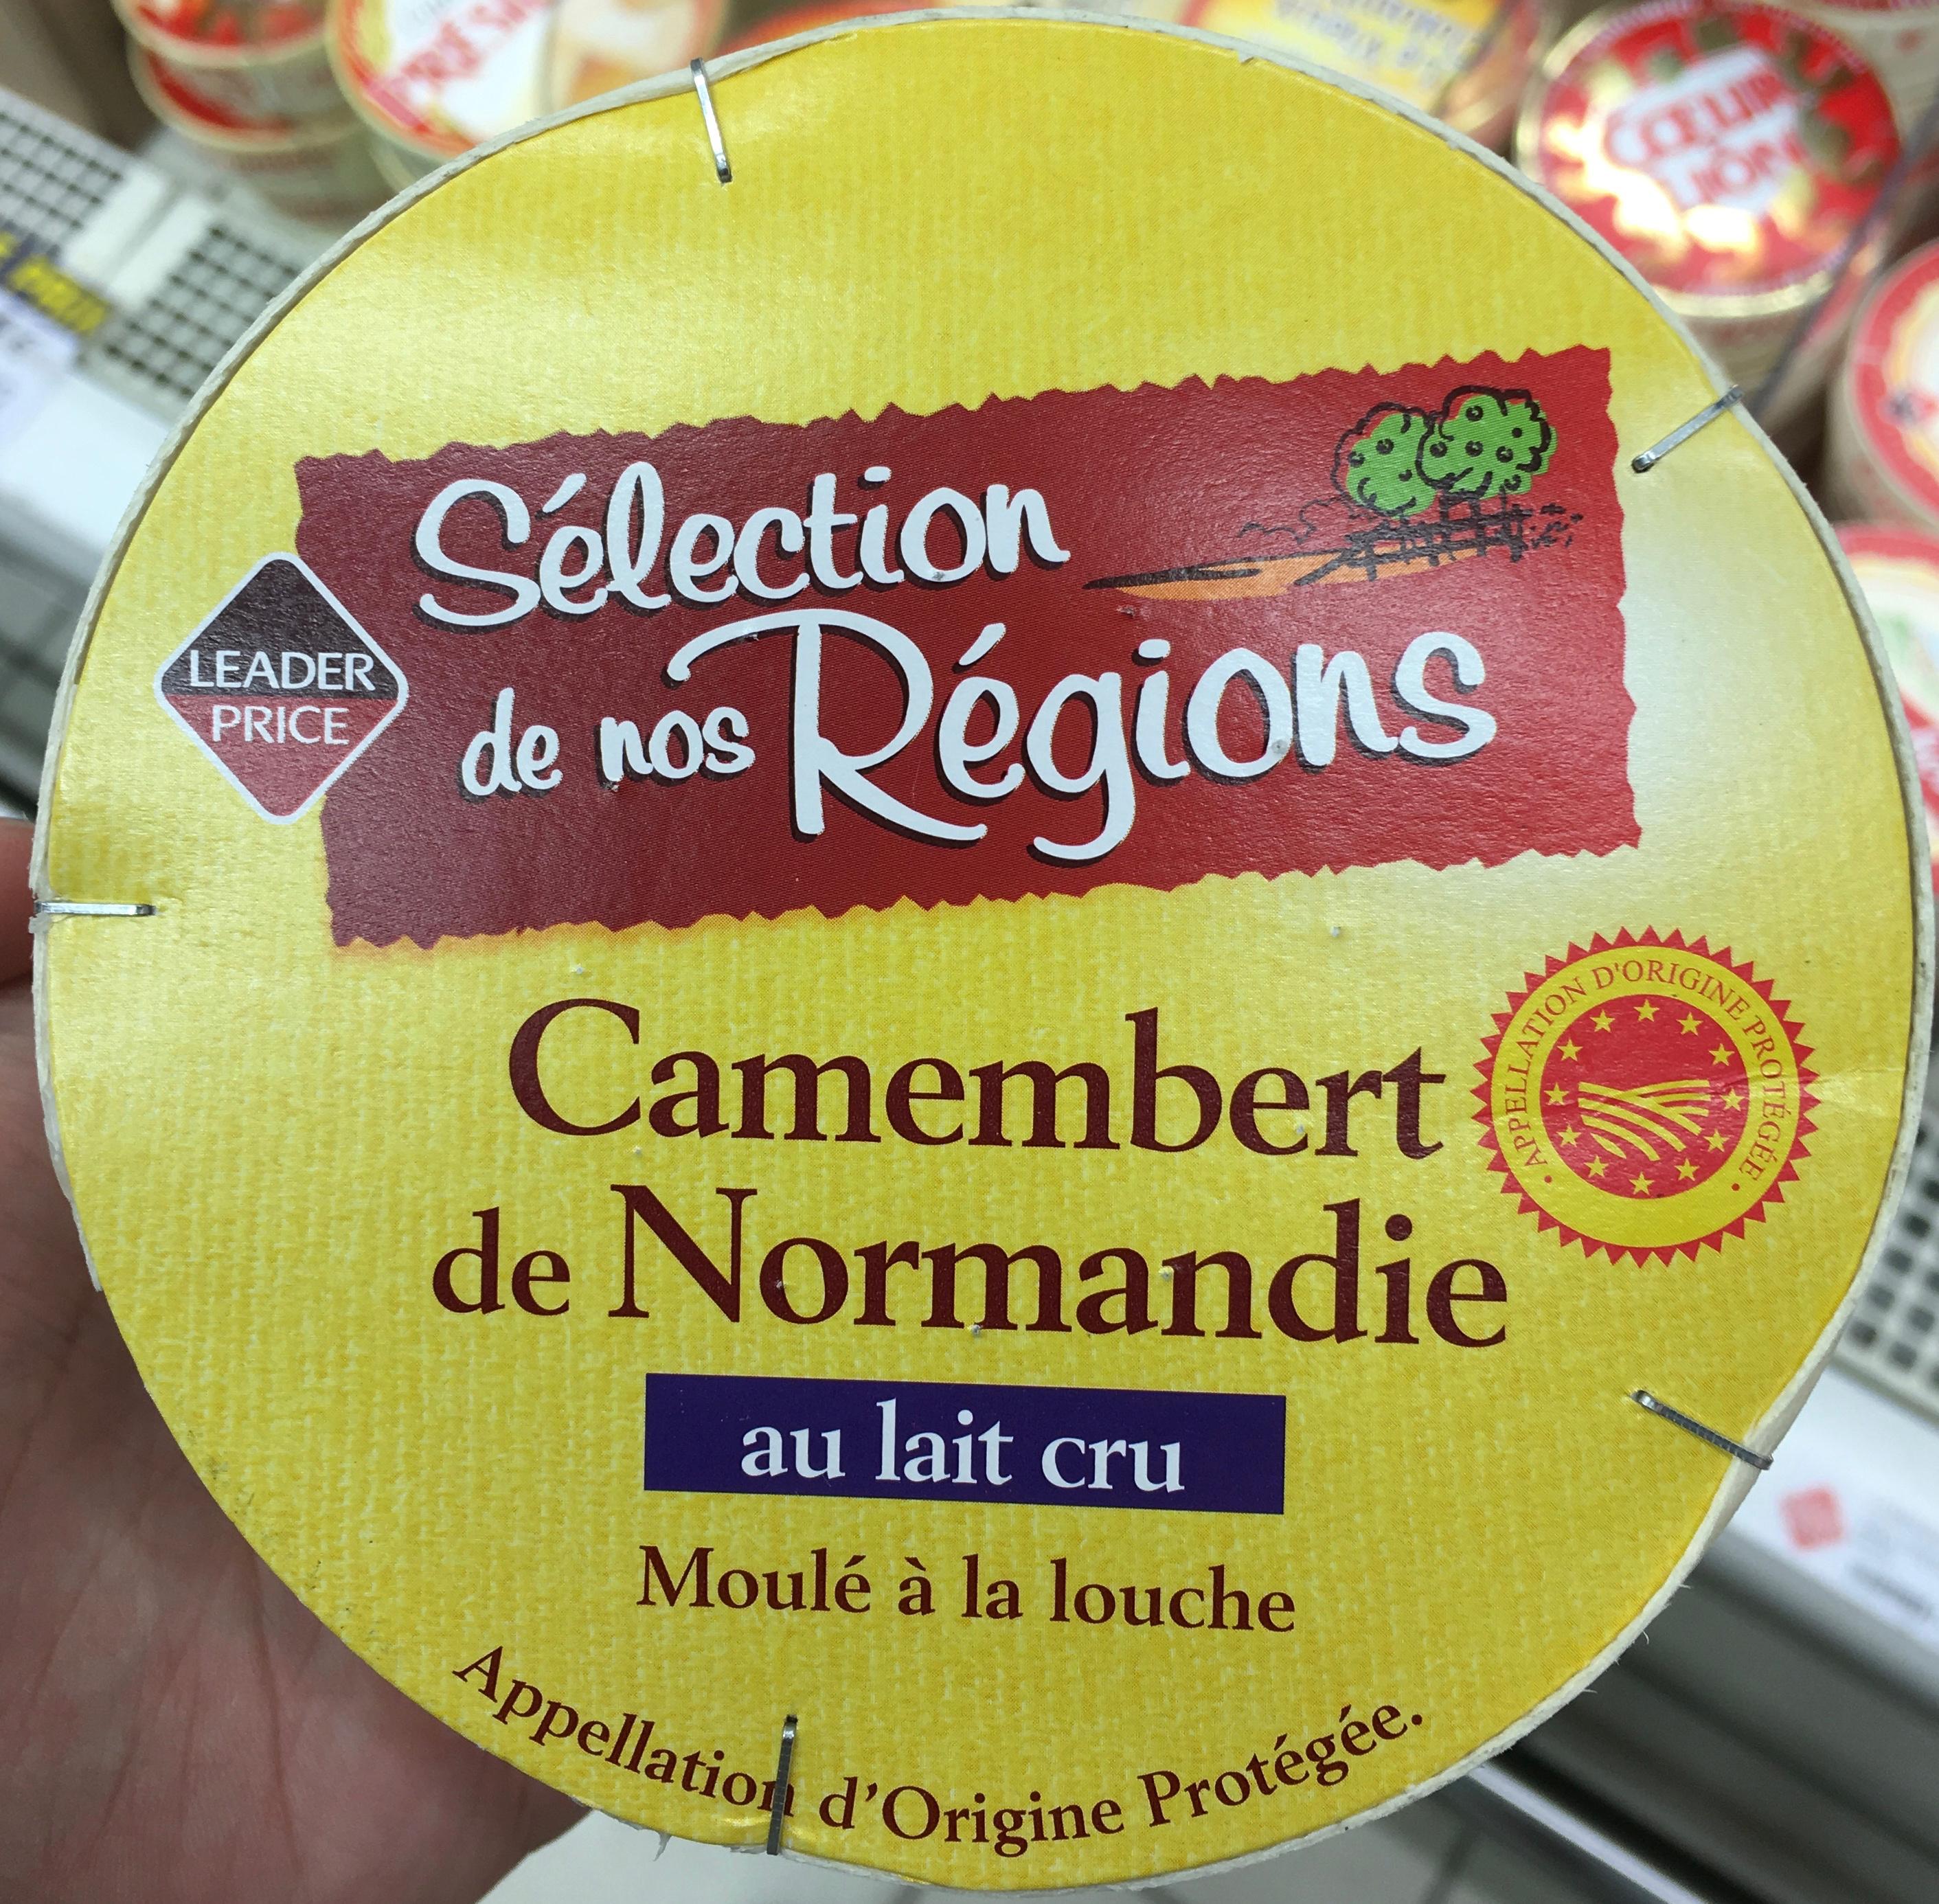 Camembert de Normandie au lait cru moulé à la louche - Product